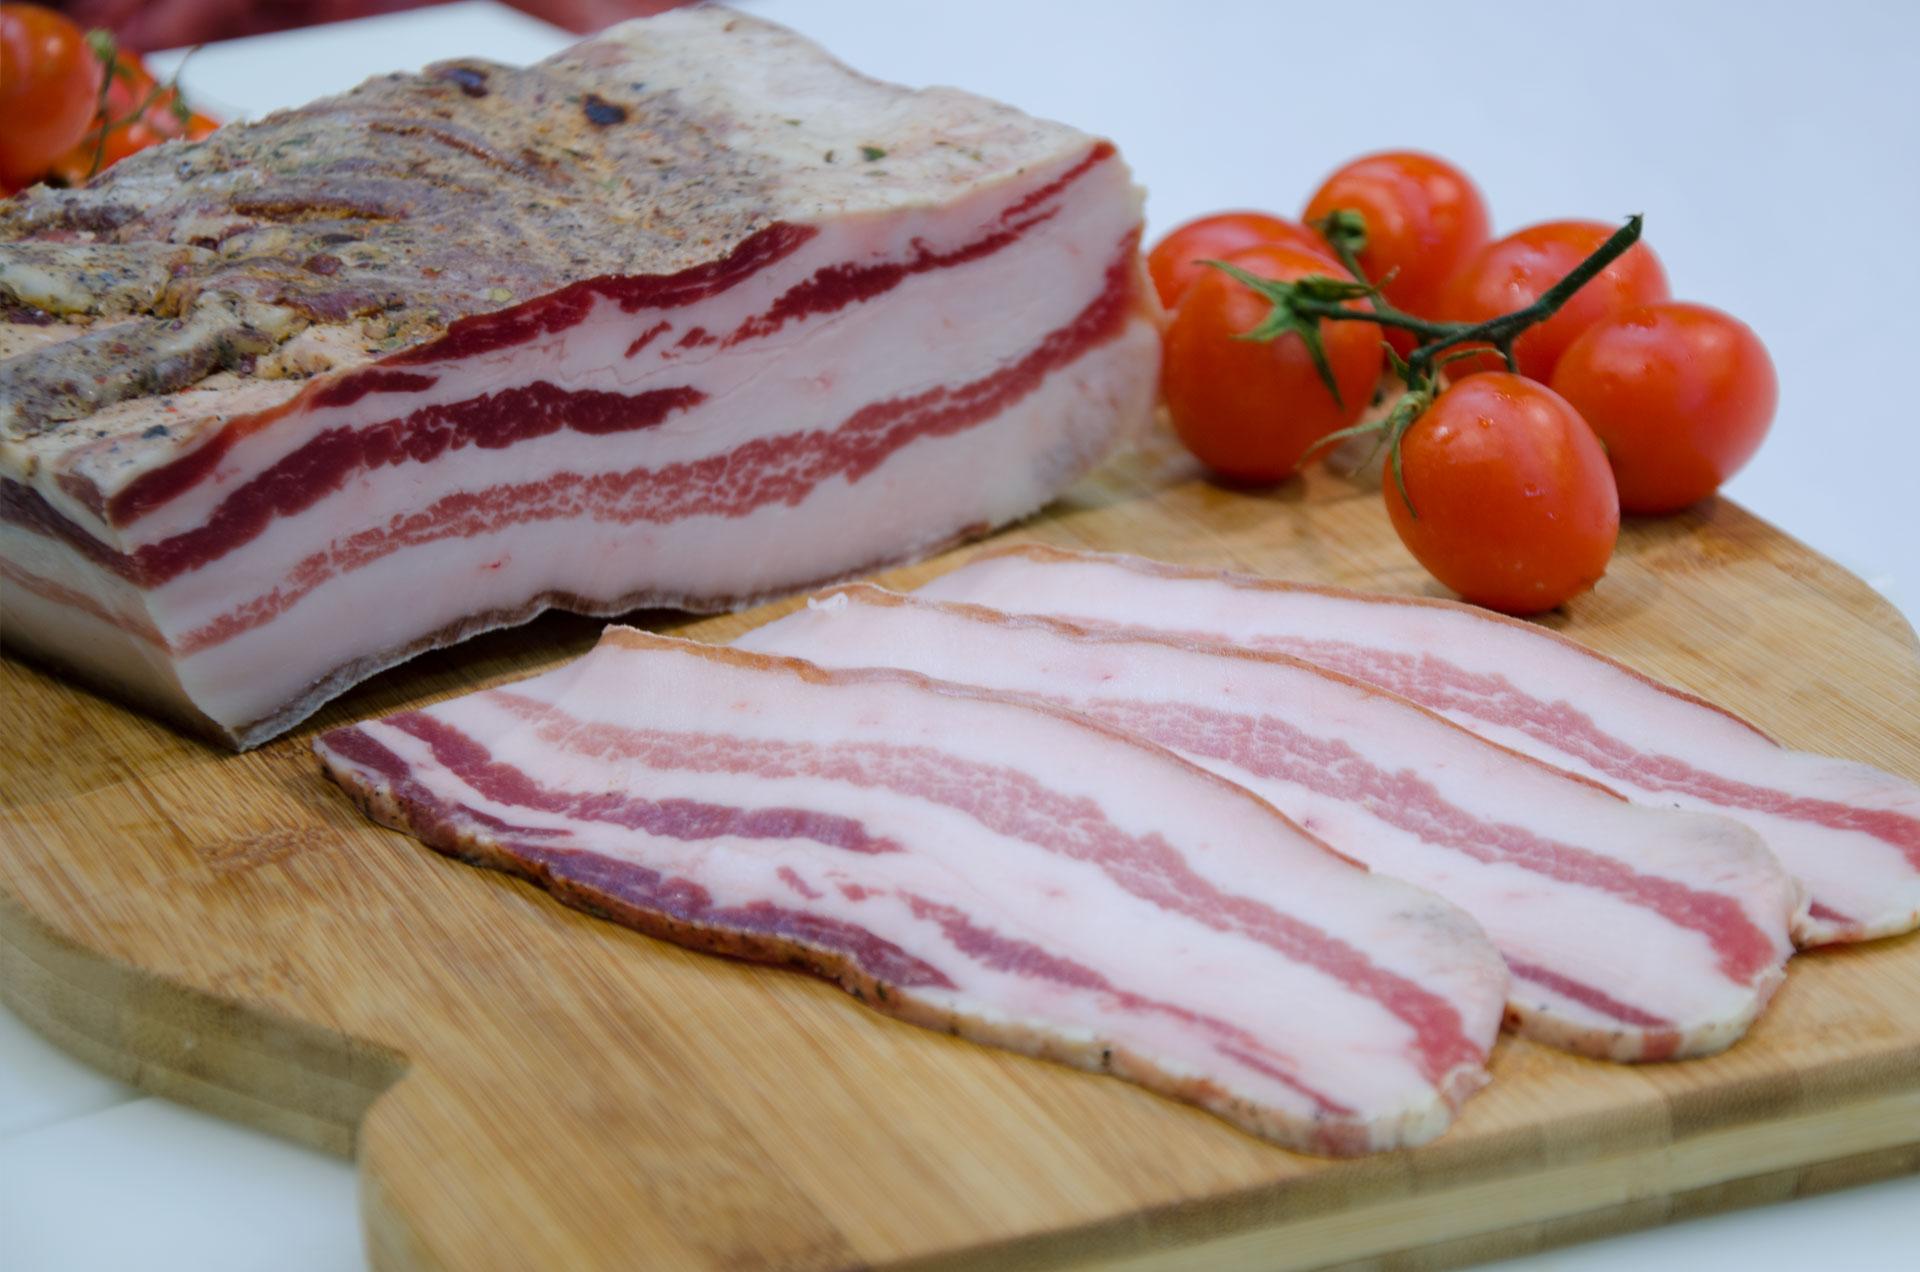 Панчетта – применение продукта в кулинарии с фото, описание и калорийность; как приготовить в домашних условиях и чем можно заменить в блюдах